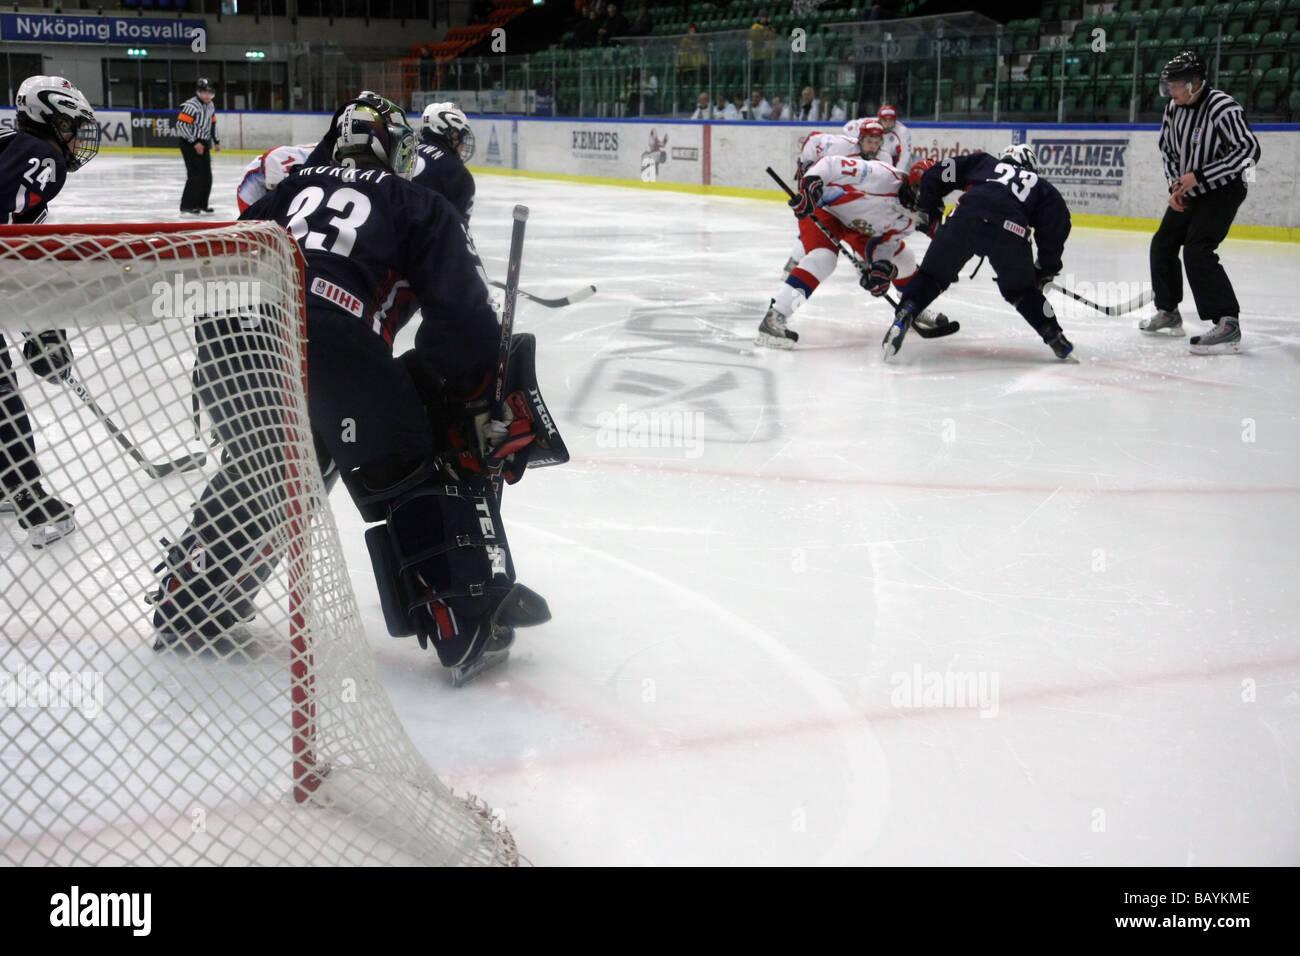 U18 Match de hockey sur glace entre les USA et la Russie. Photo Stock